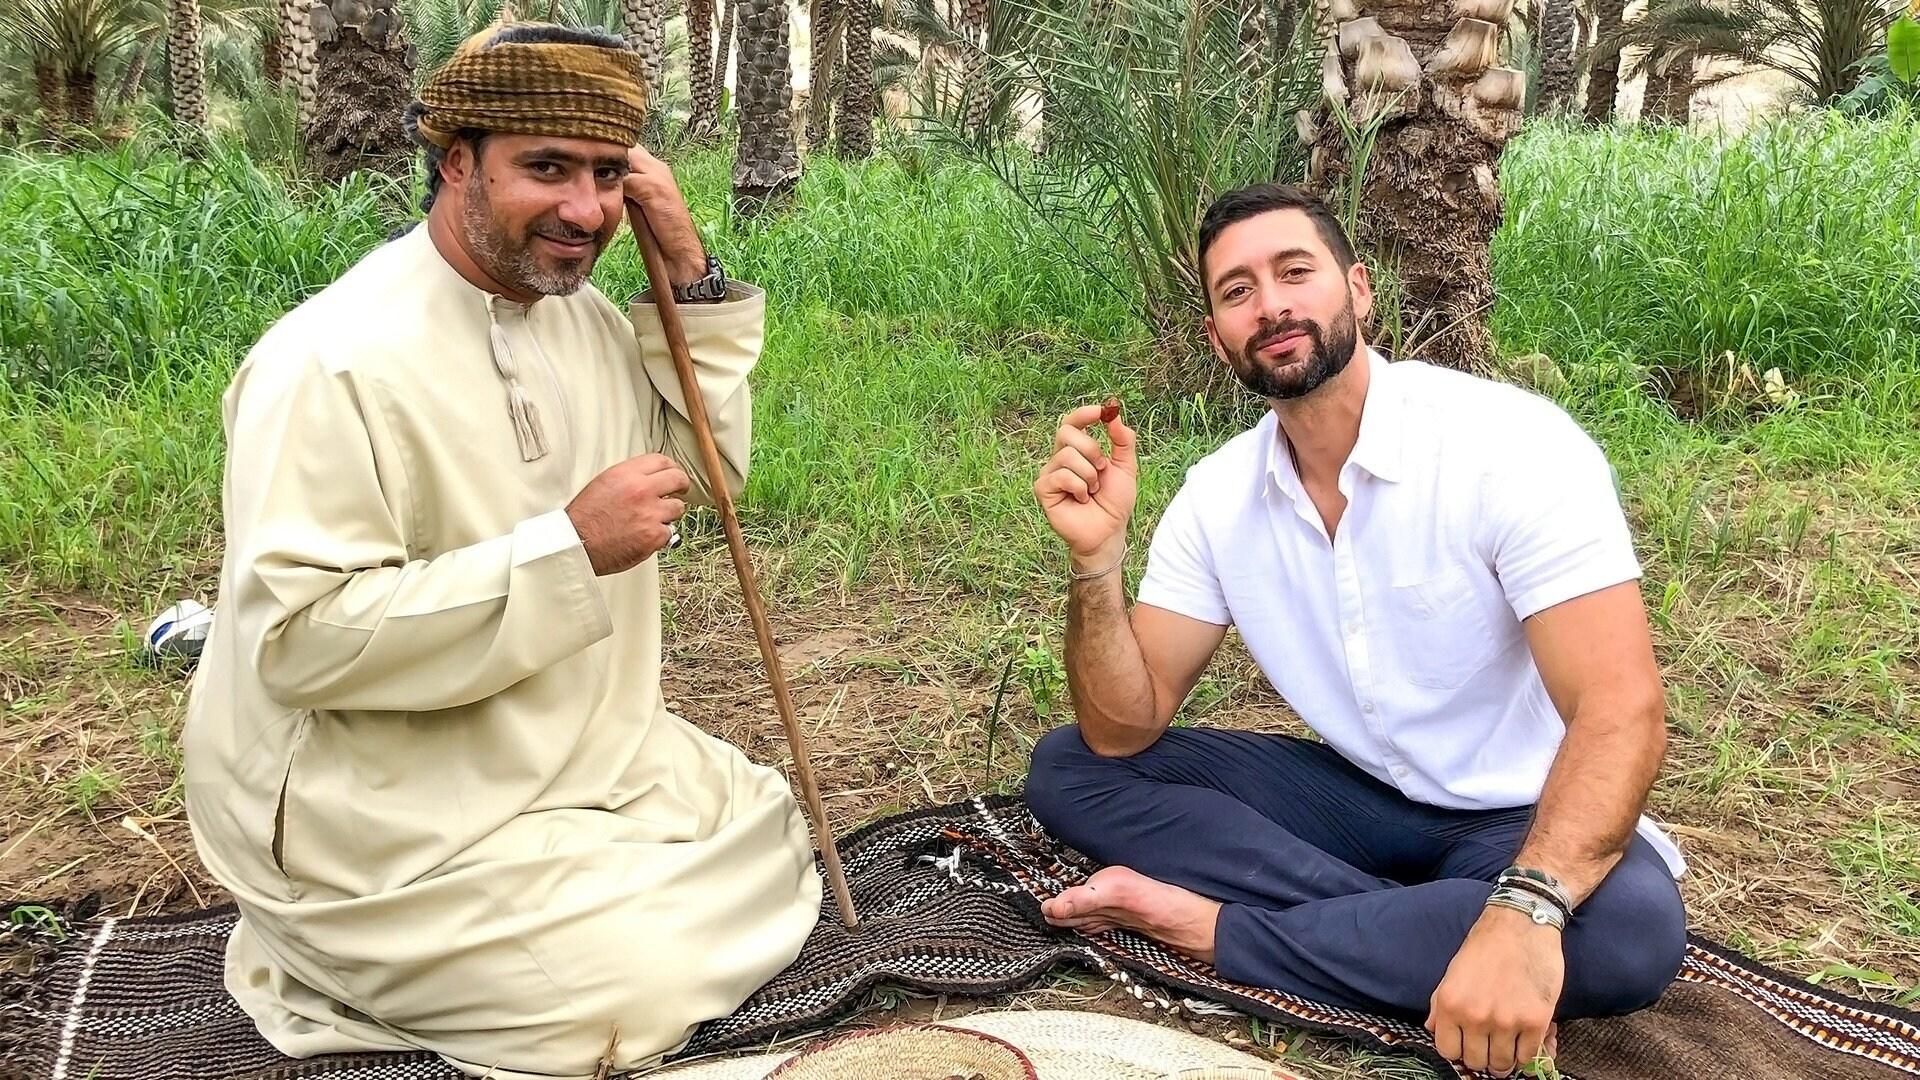 A Date in Oman